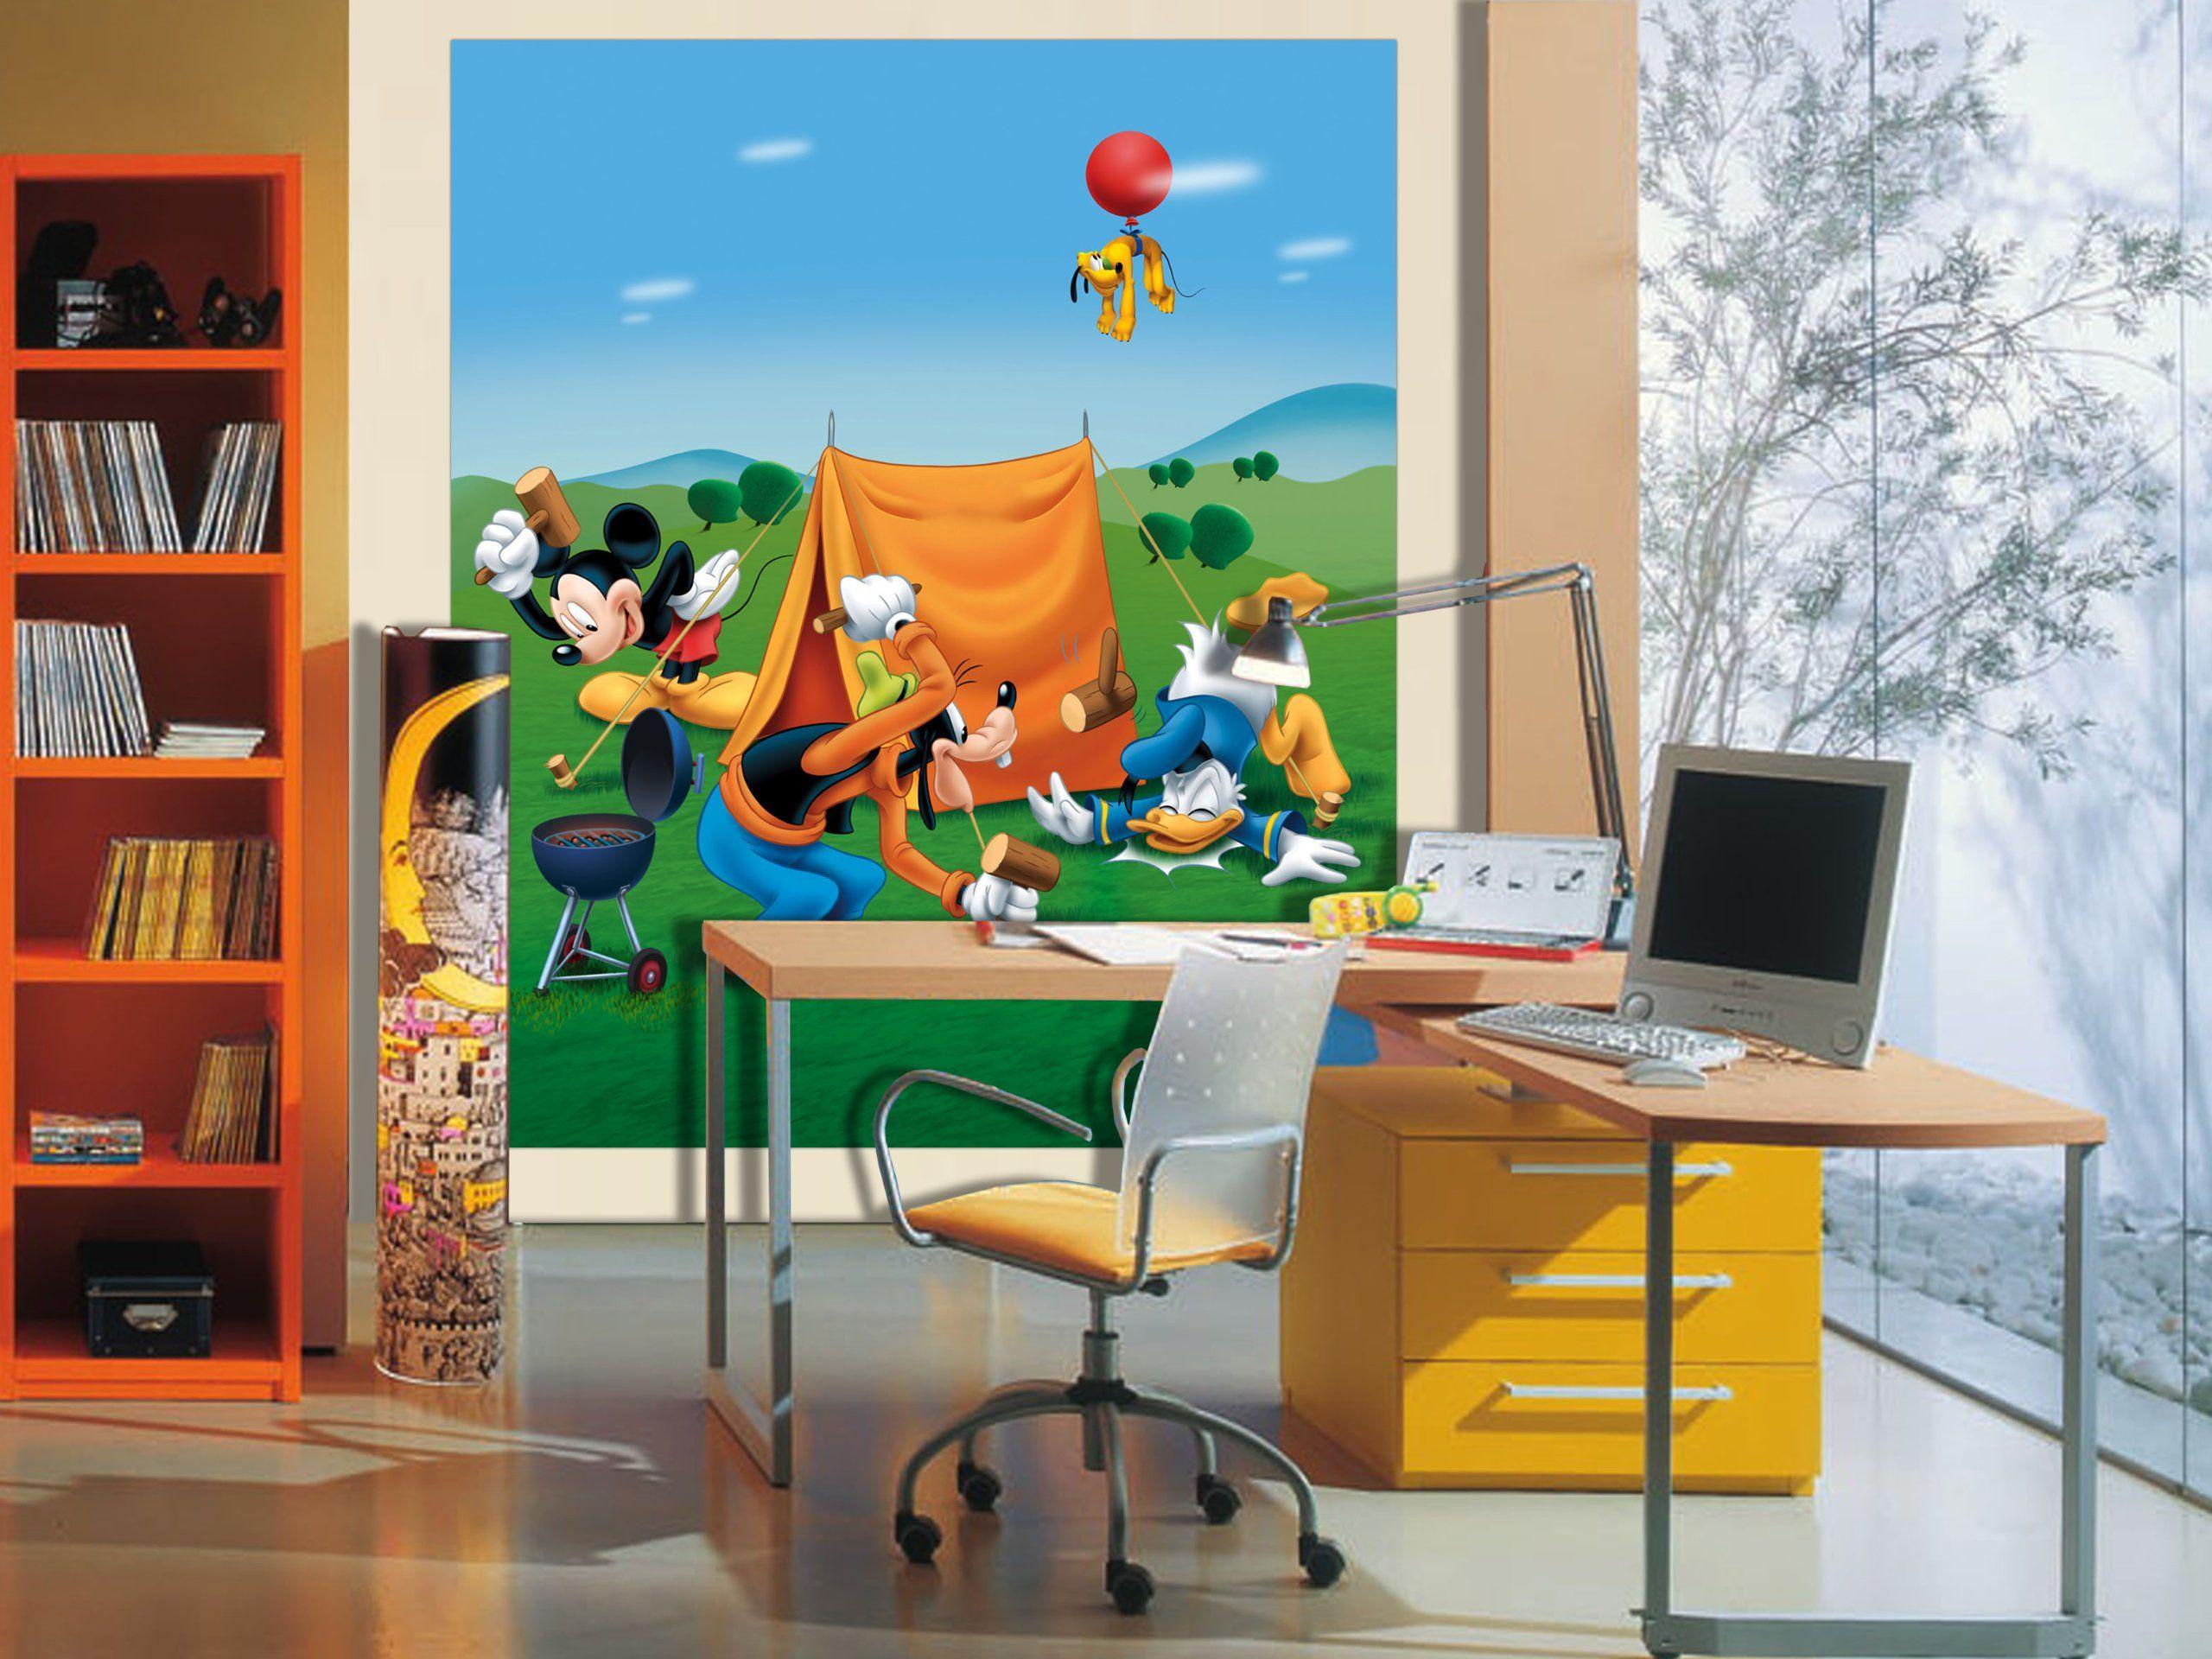 Disney Junior Disney Myszka Miki 2 części zdjęcie mural tapeta do pokoju dziecięcego, papieru, wielokolorowa, 0,1 x 180 x 202 cm